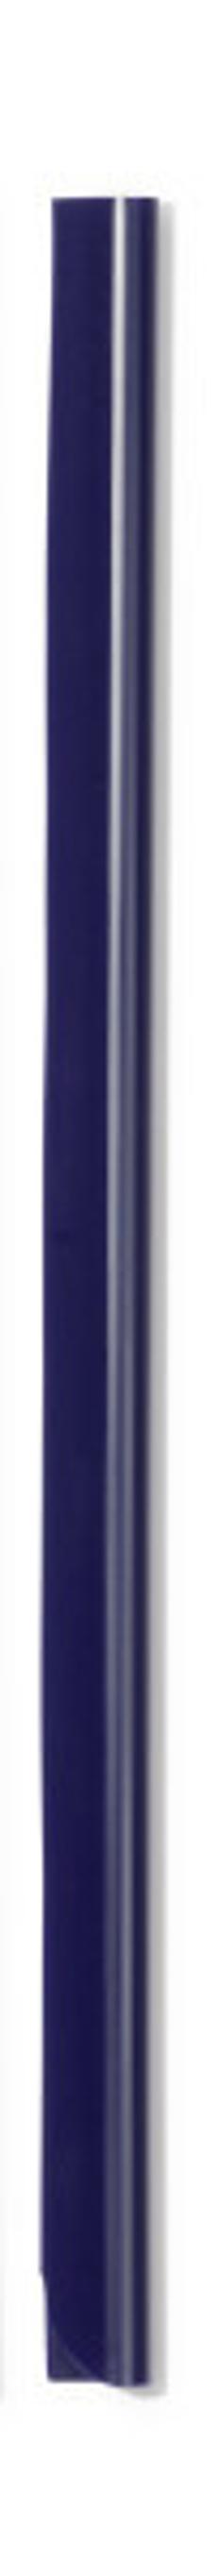 Скрепкошина для документов А4, 6 мм, темно-синяя фото